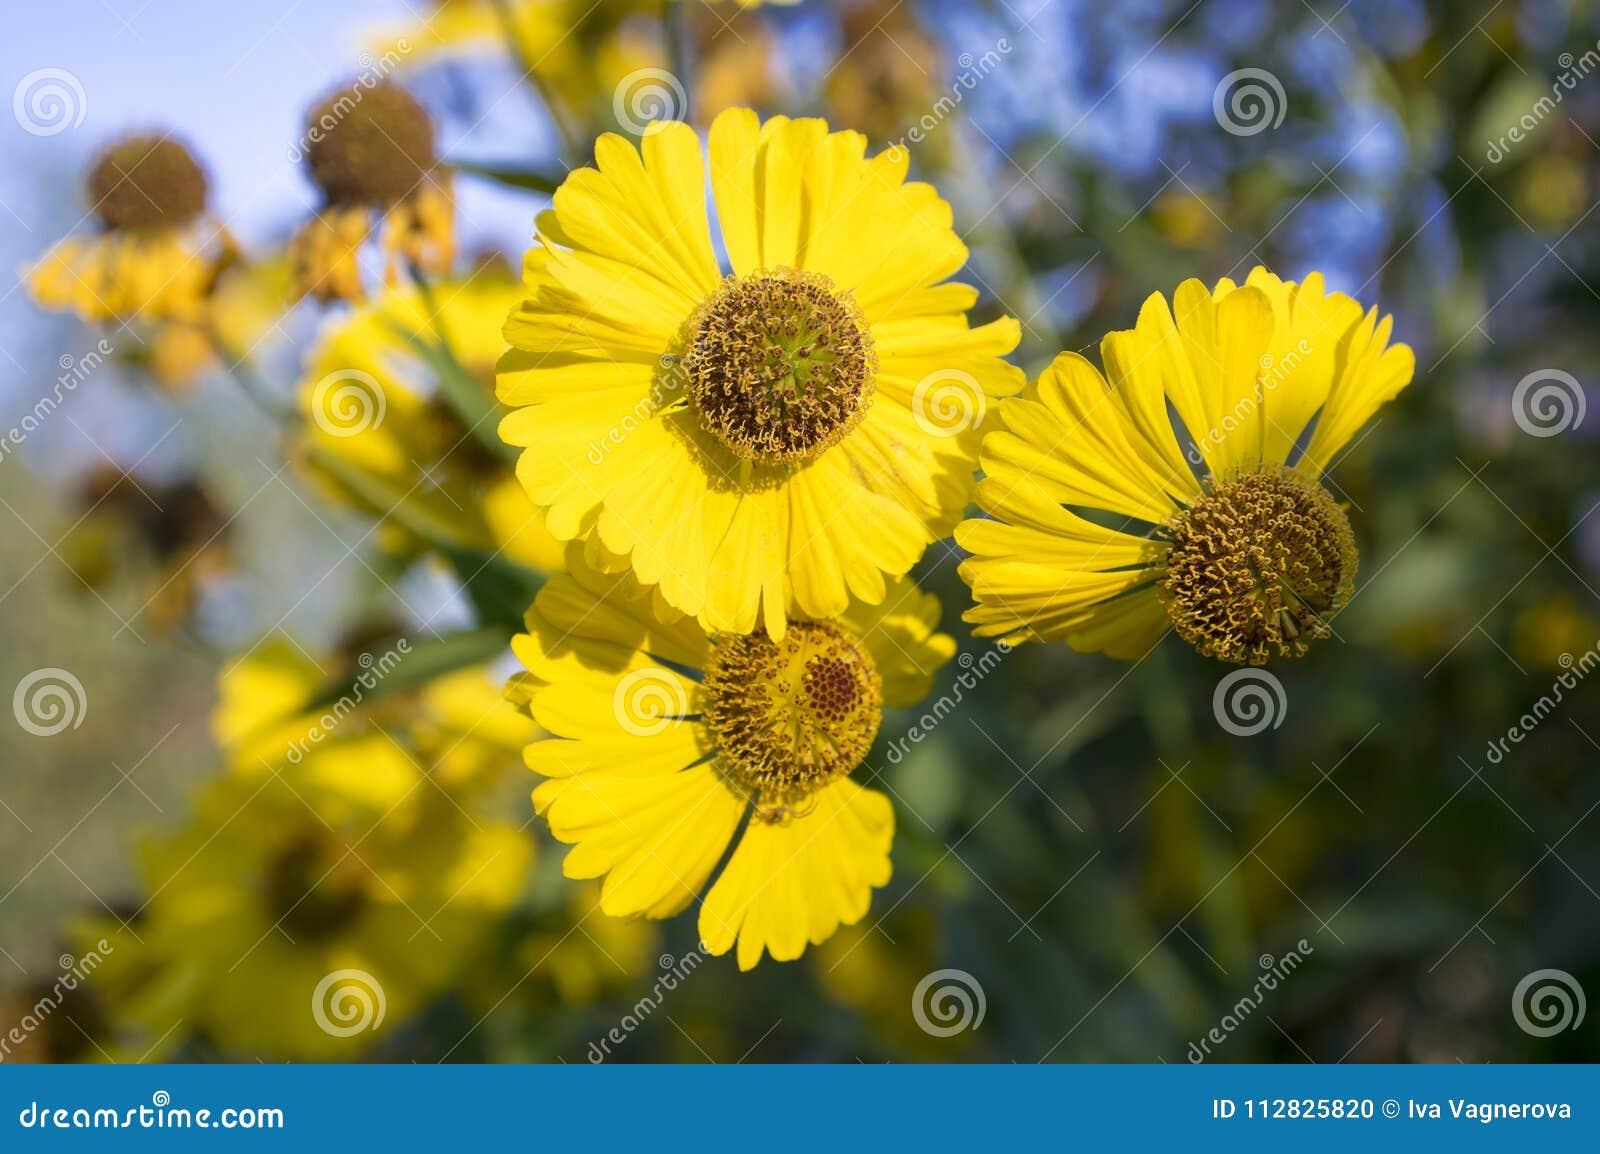 Helenium Autumnale Common Sneezeweed In Bloom Bunch Of Yellow